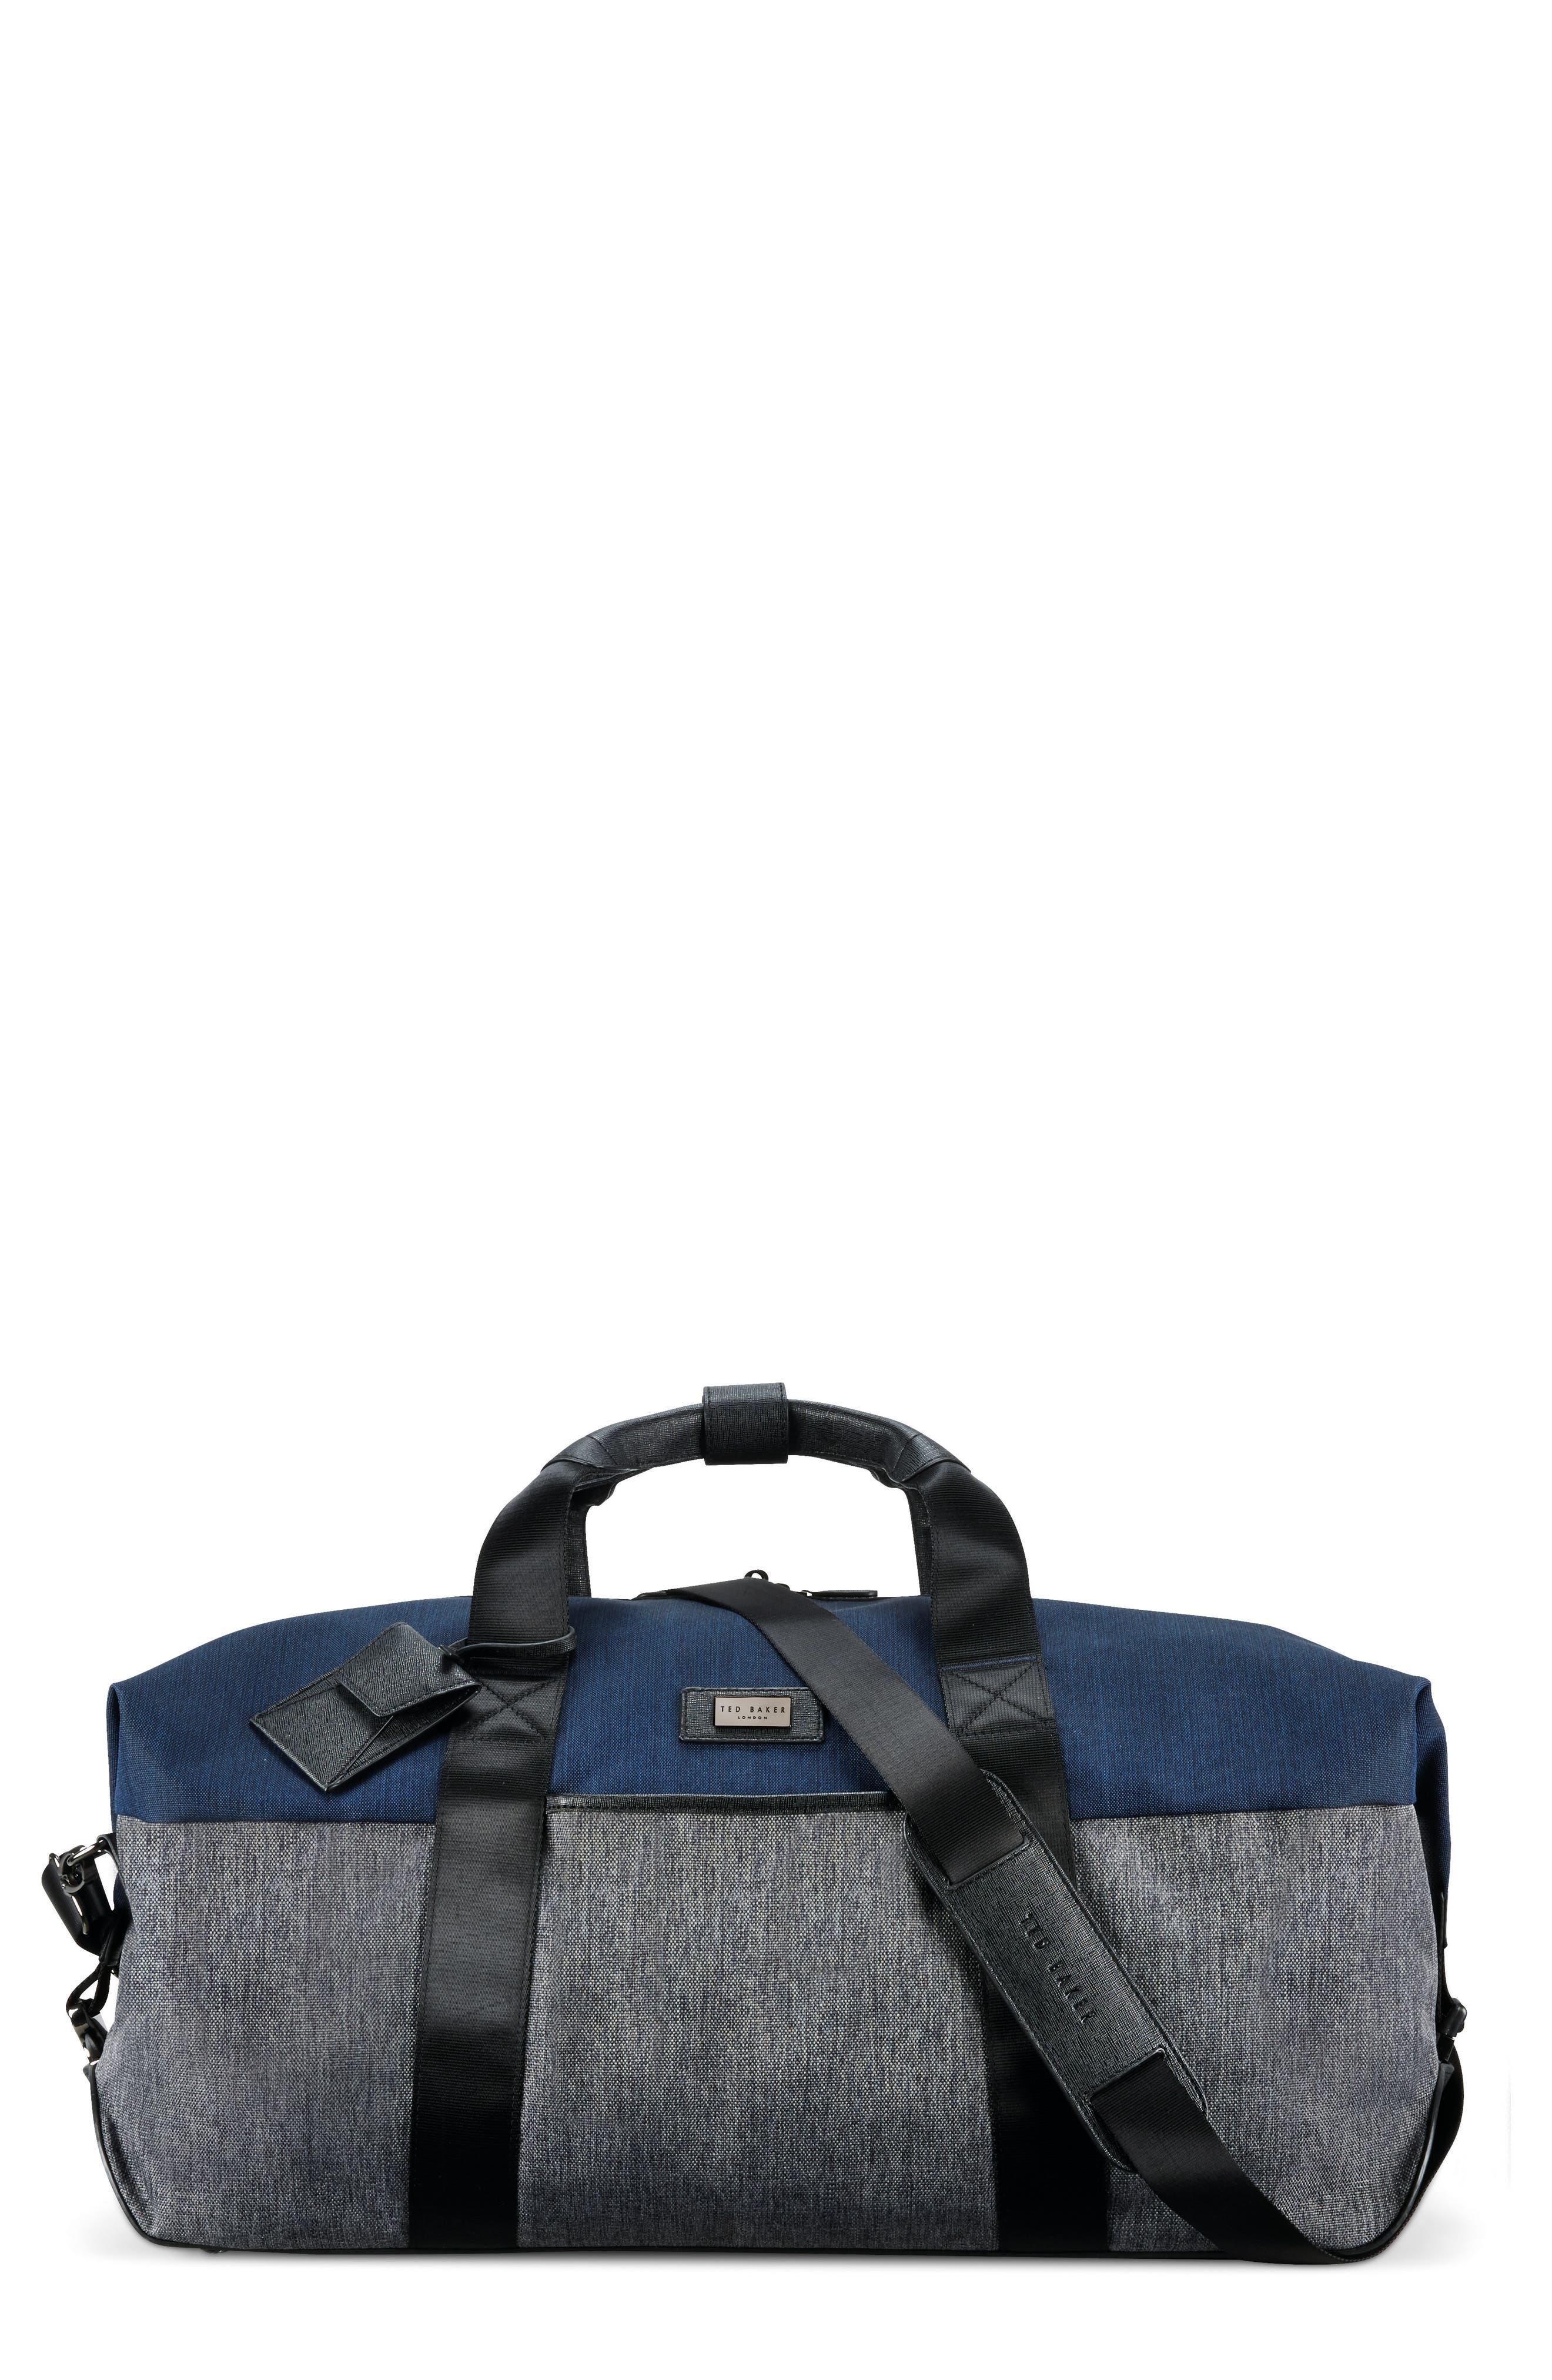 Medium Brunswick Water Resistant Duffel Bag,                         Main,                         color, Grey